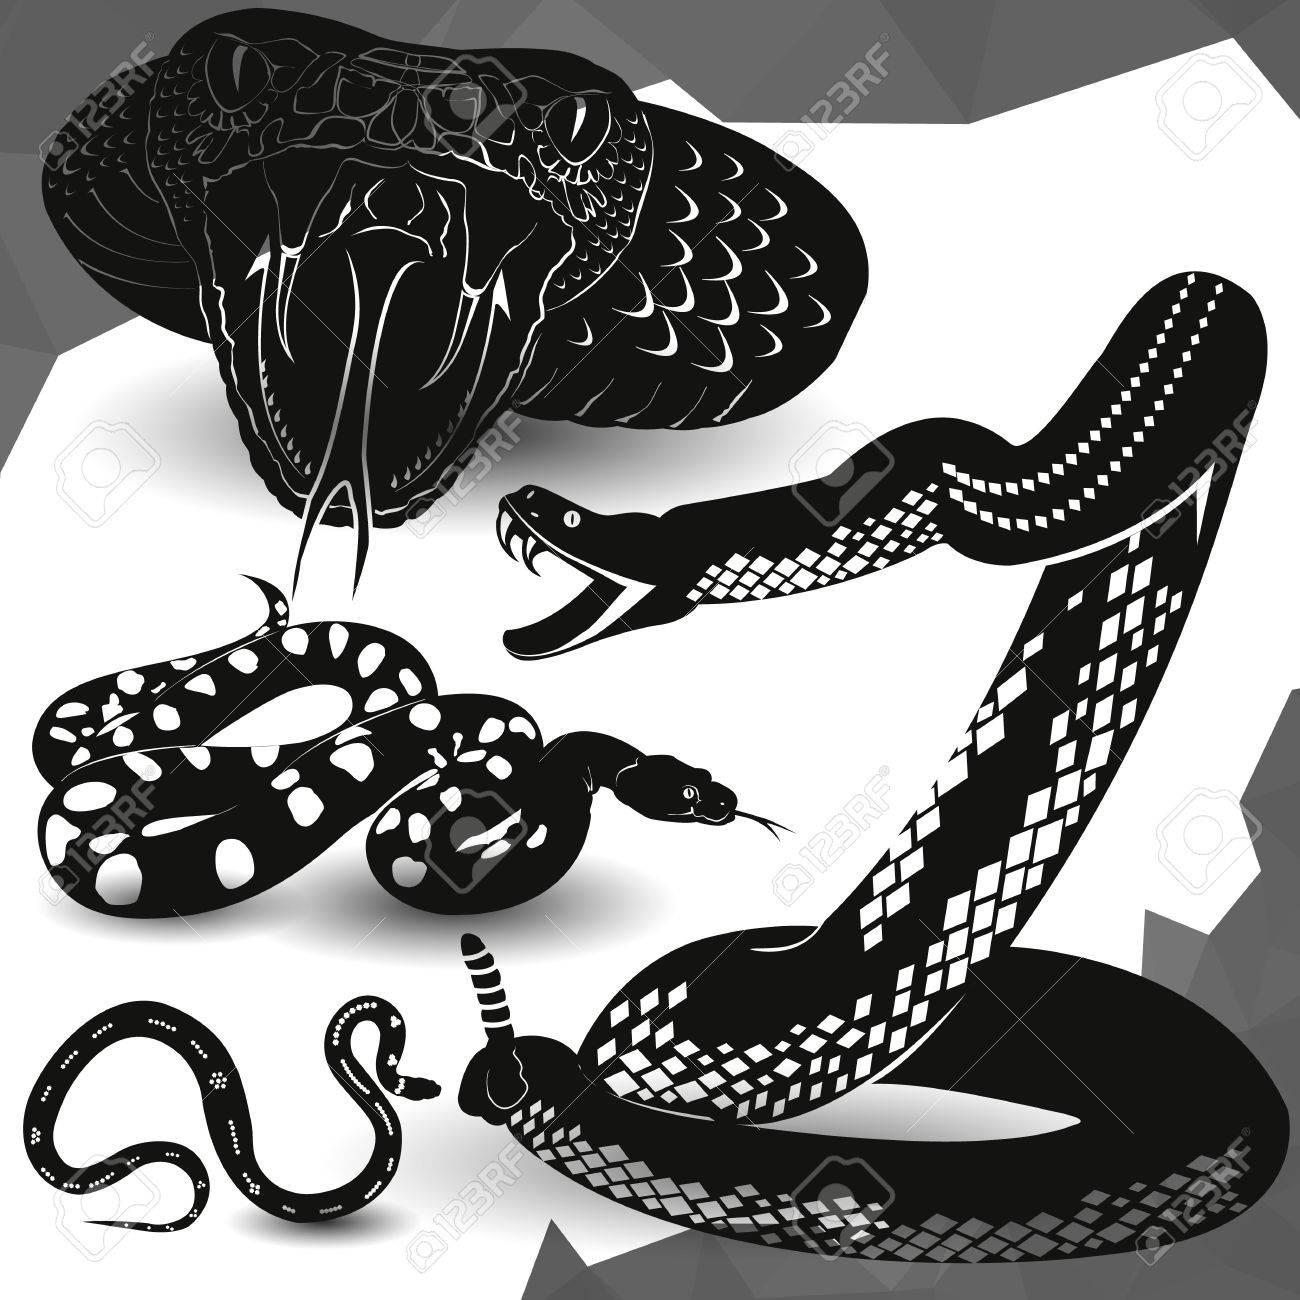 Cobra, Víbora Serpiente De Cascabel Icono Ilustración Vectorial ...